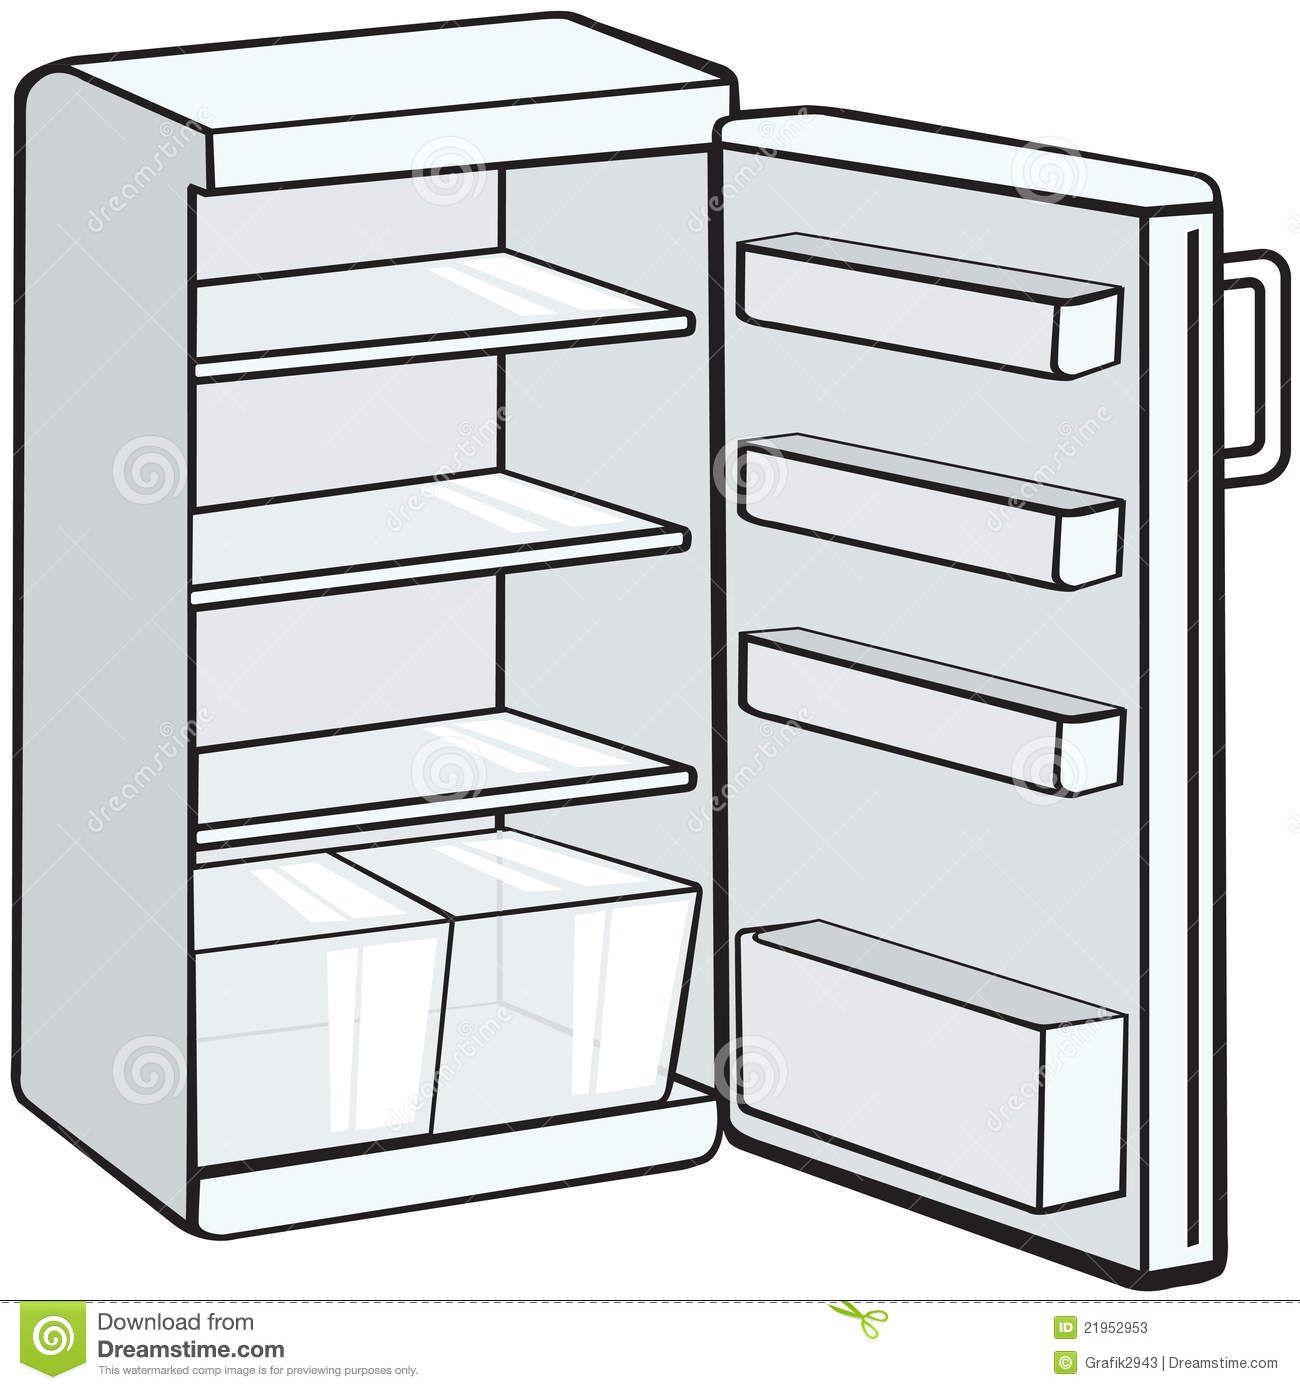 Dans Mon Frigo Il Y A Je Dirais Que Ce Frigo Appartient A Dans Ce Frigo Il Y A Trop De White Fridges Interior Design Furniture Fridge